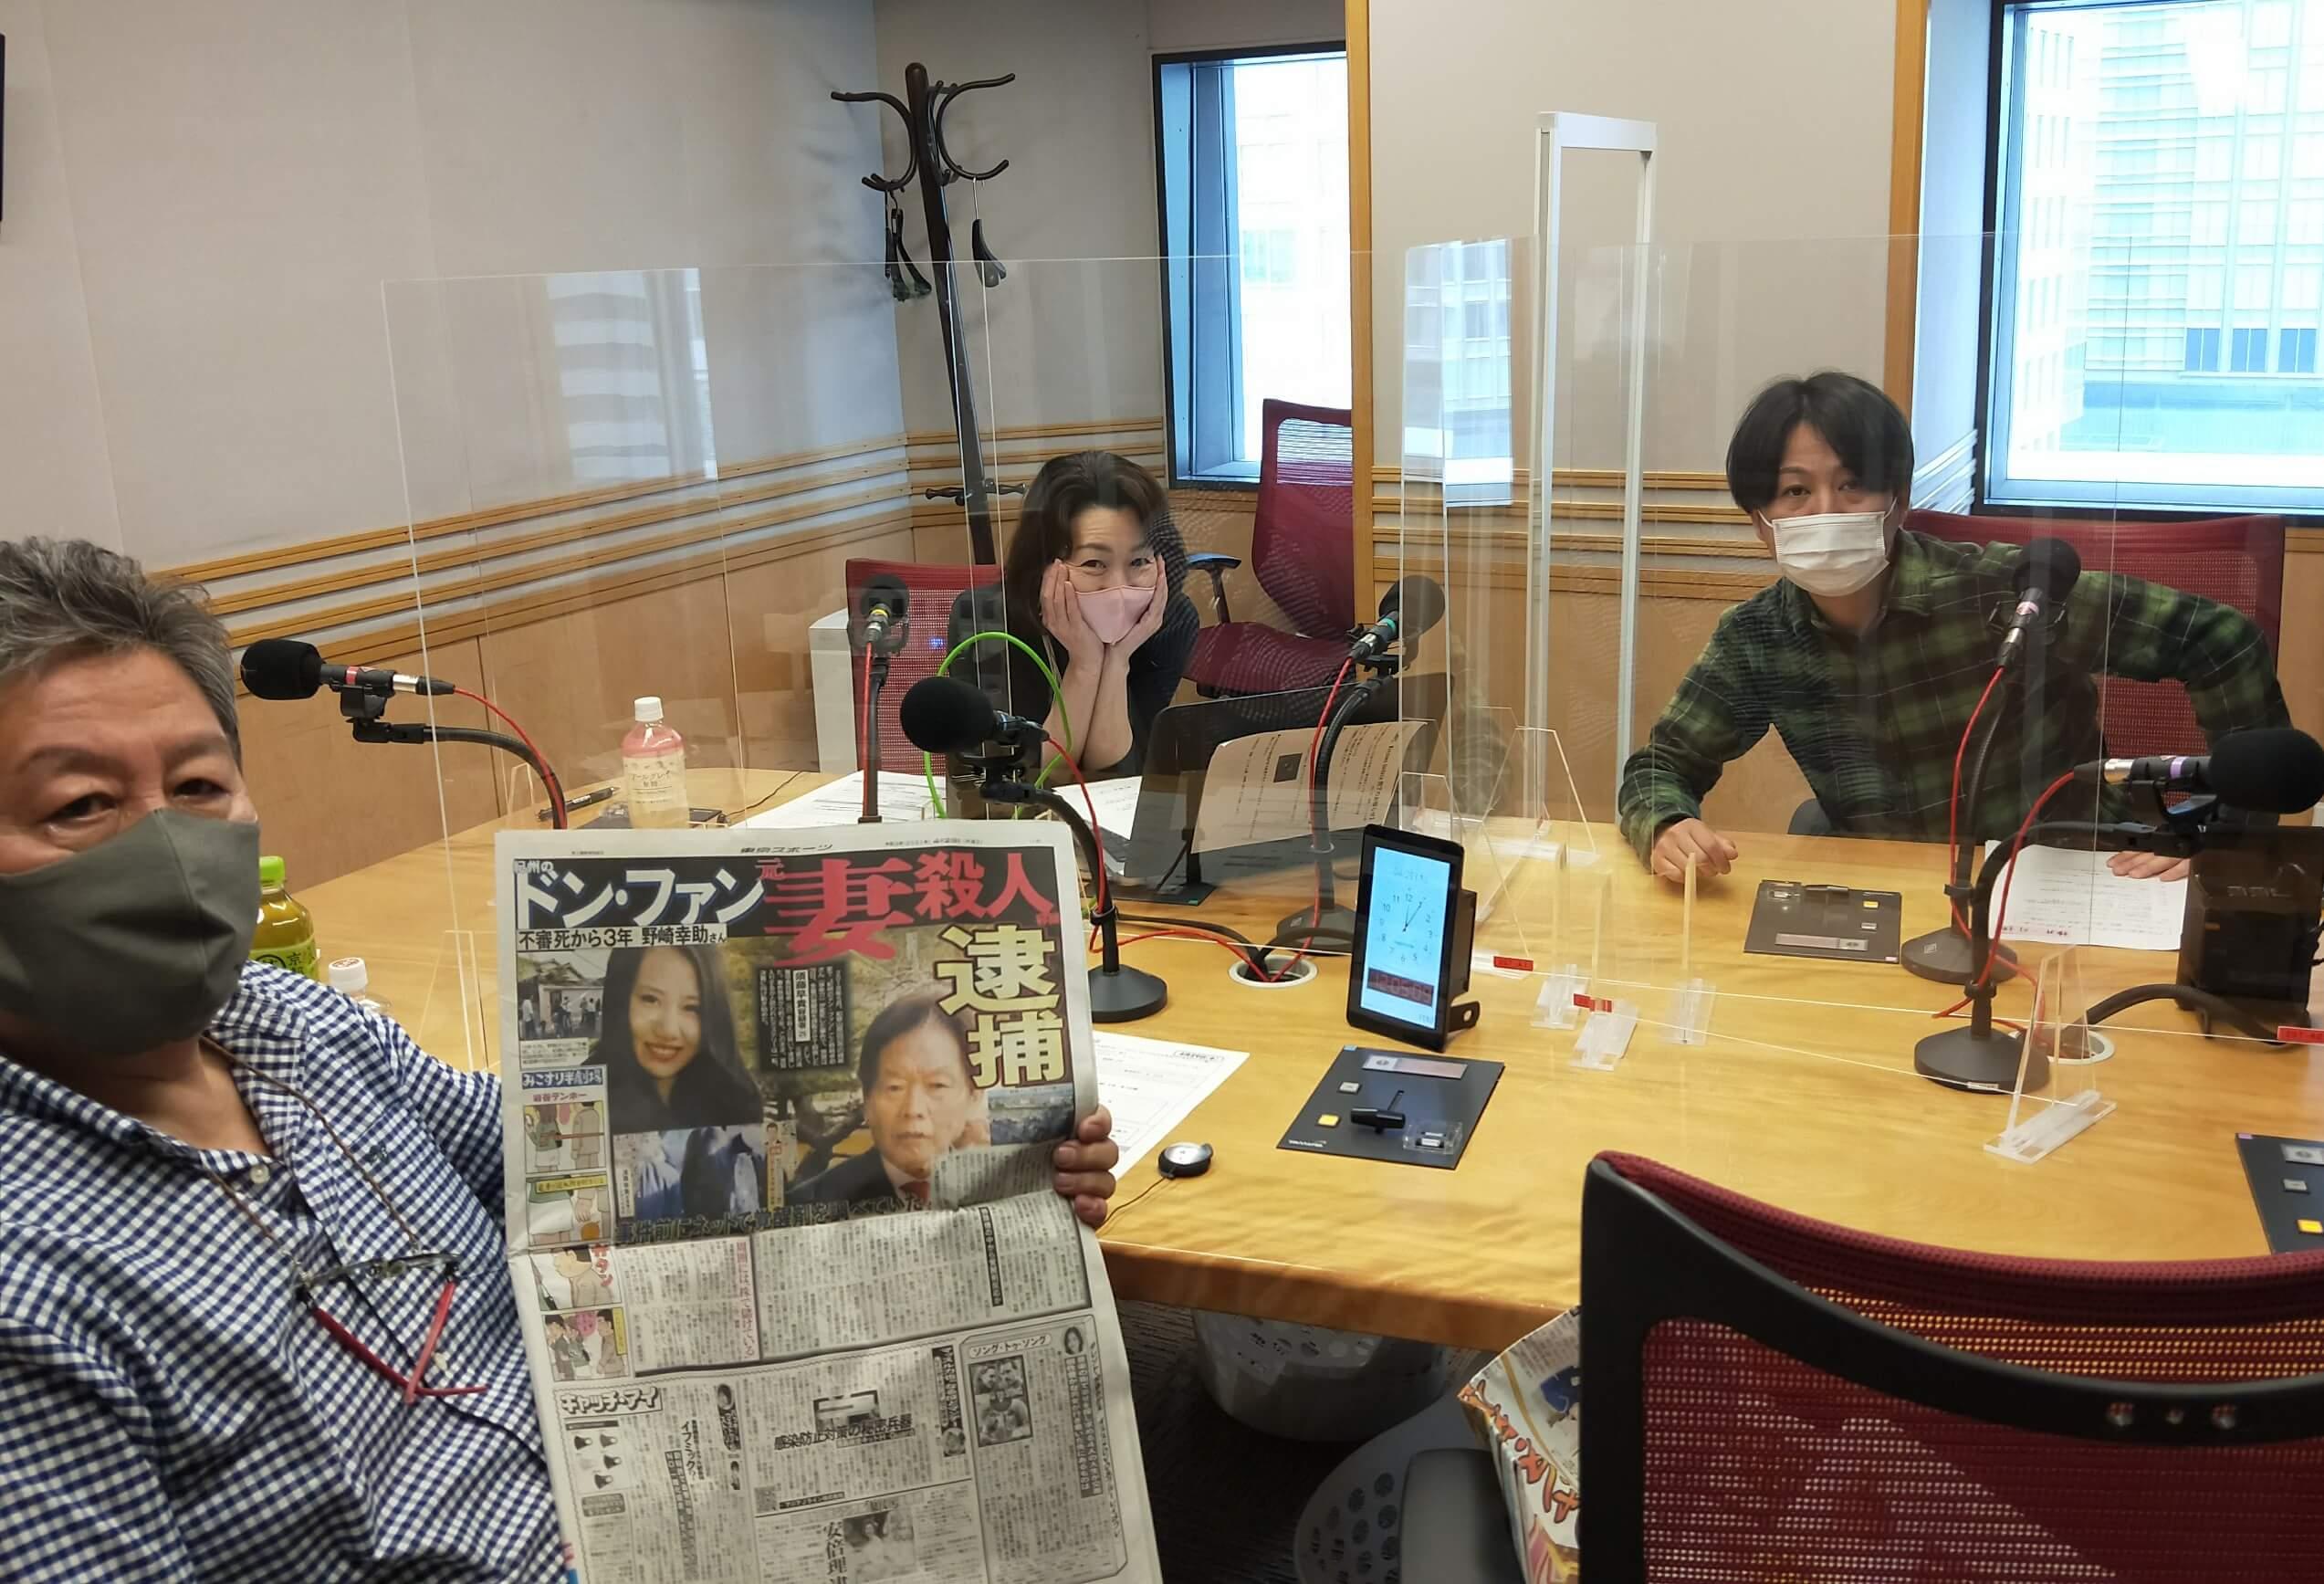 『くにまるジャパン極・くにまるレポーターズ』4月29日(木)のお客様:種井一司さん